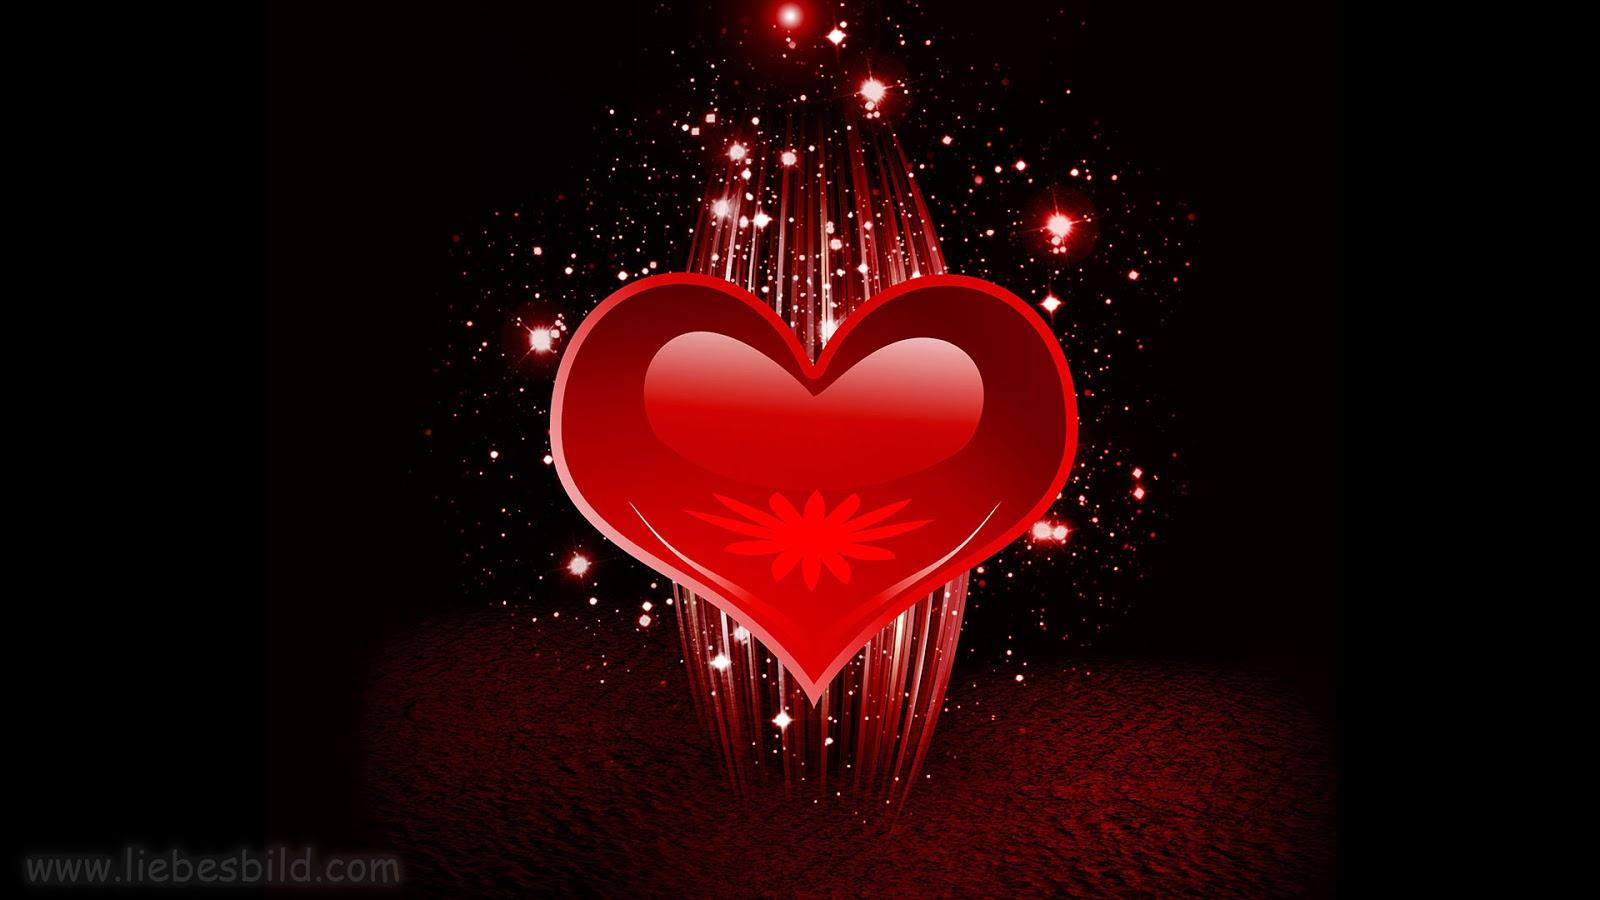 Die Besten Bilder Von Basteln Herz Romantisch Liebesbilder